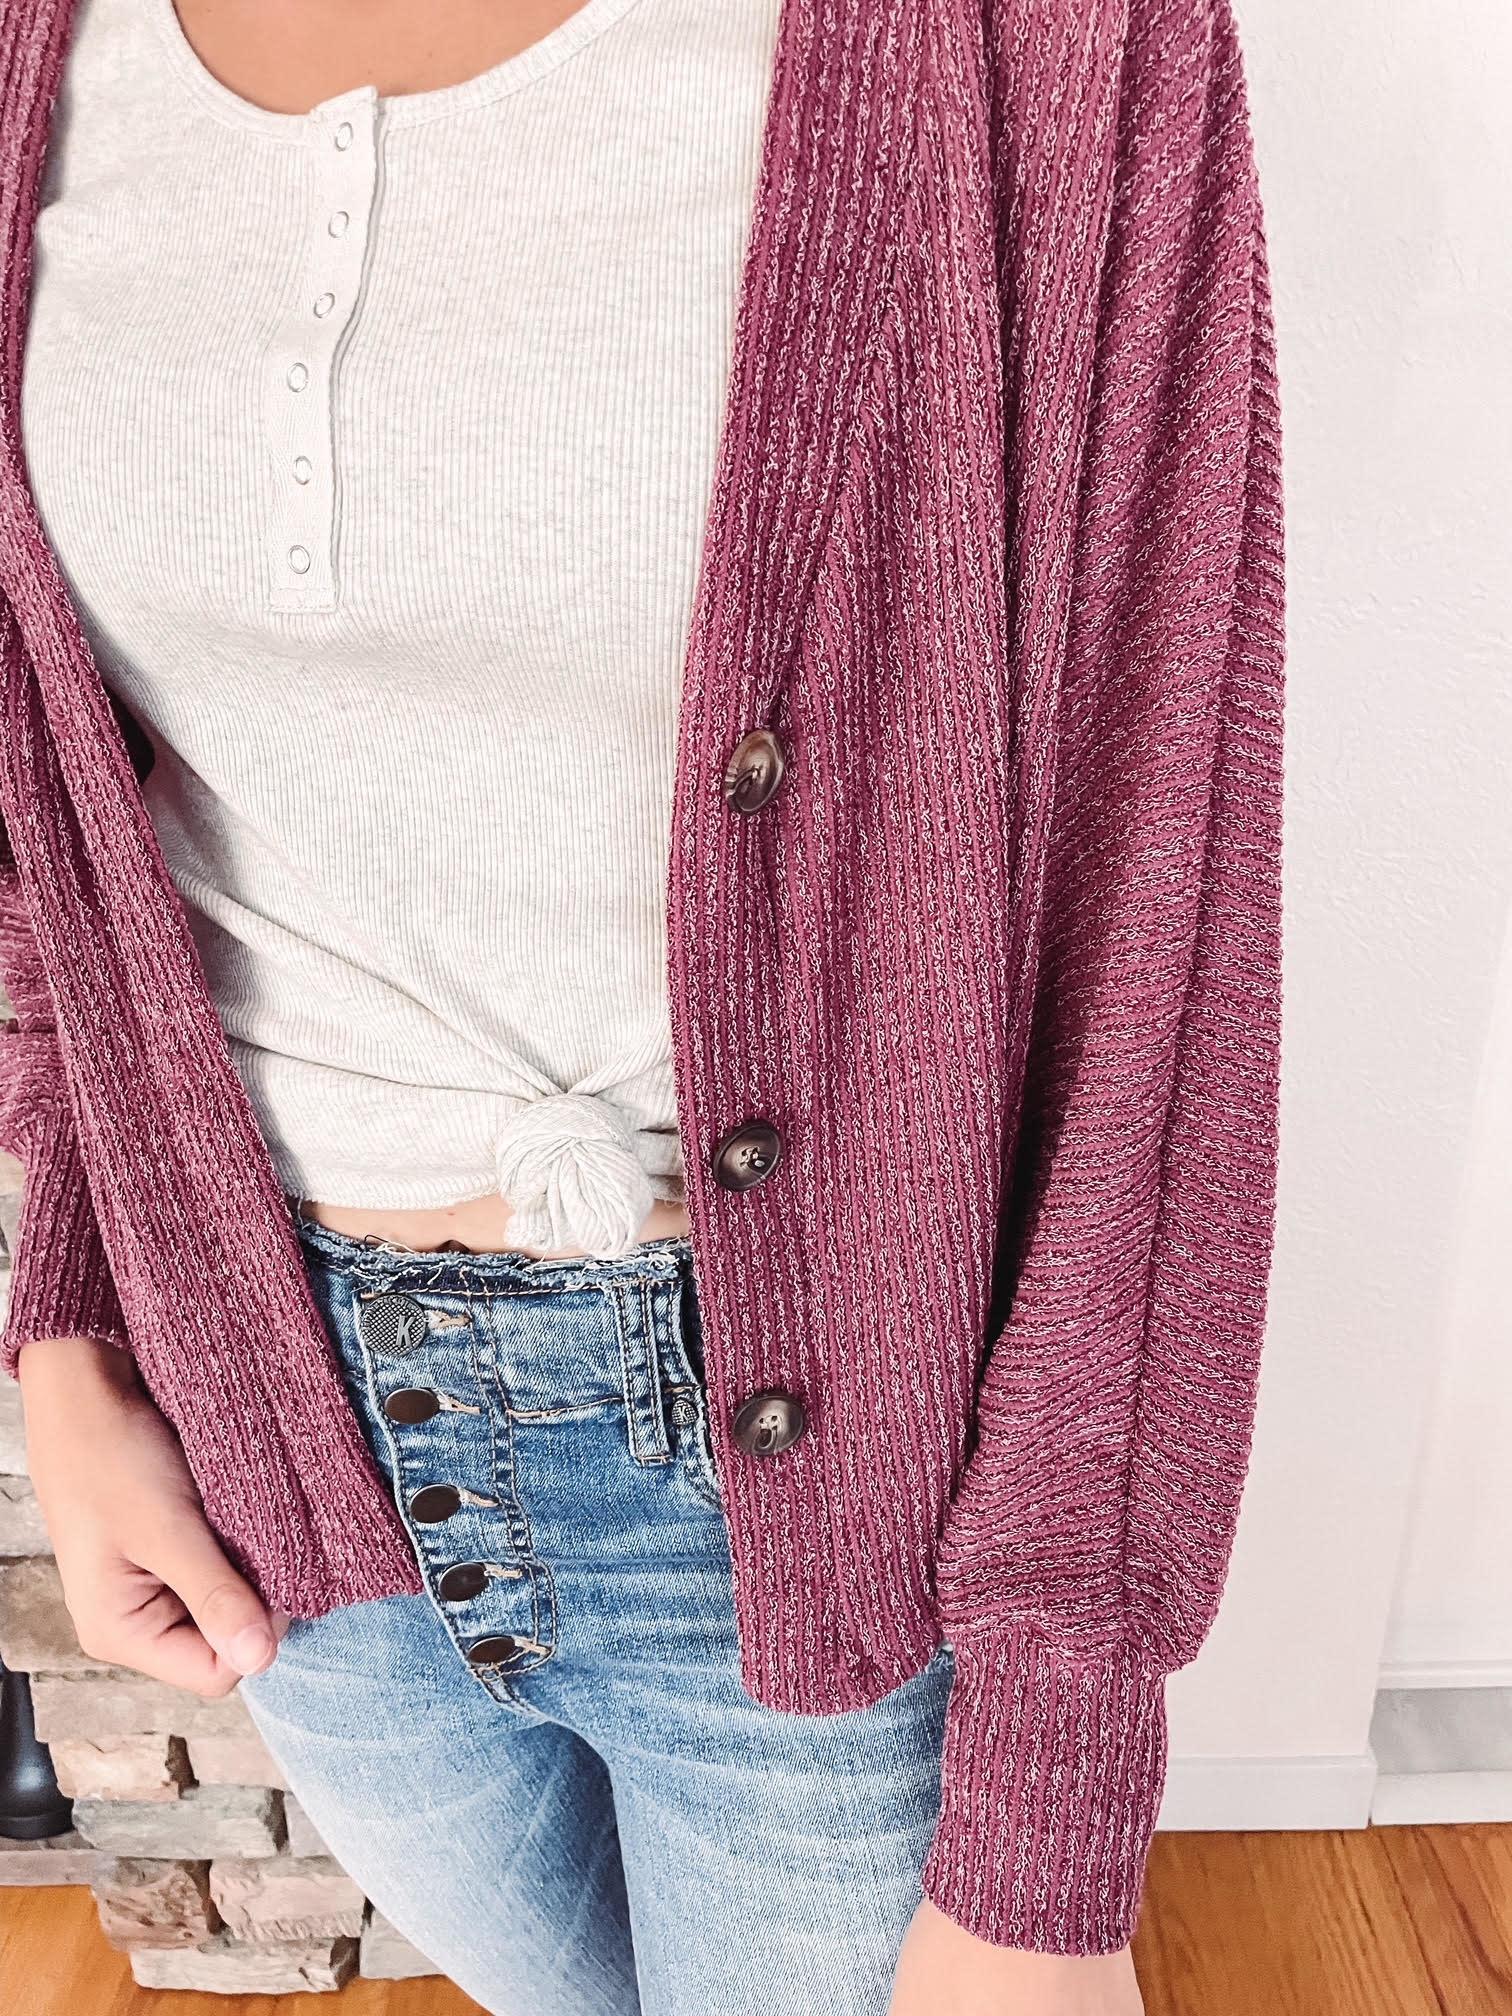 Mila Berry Knit Cardigan